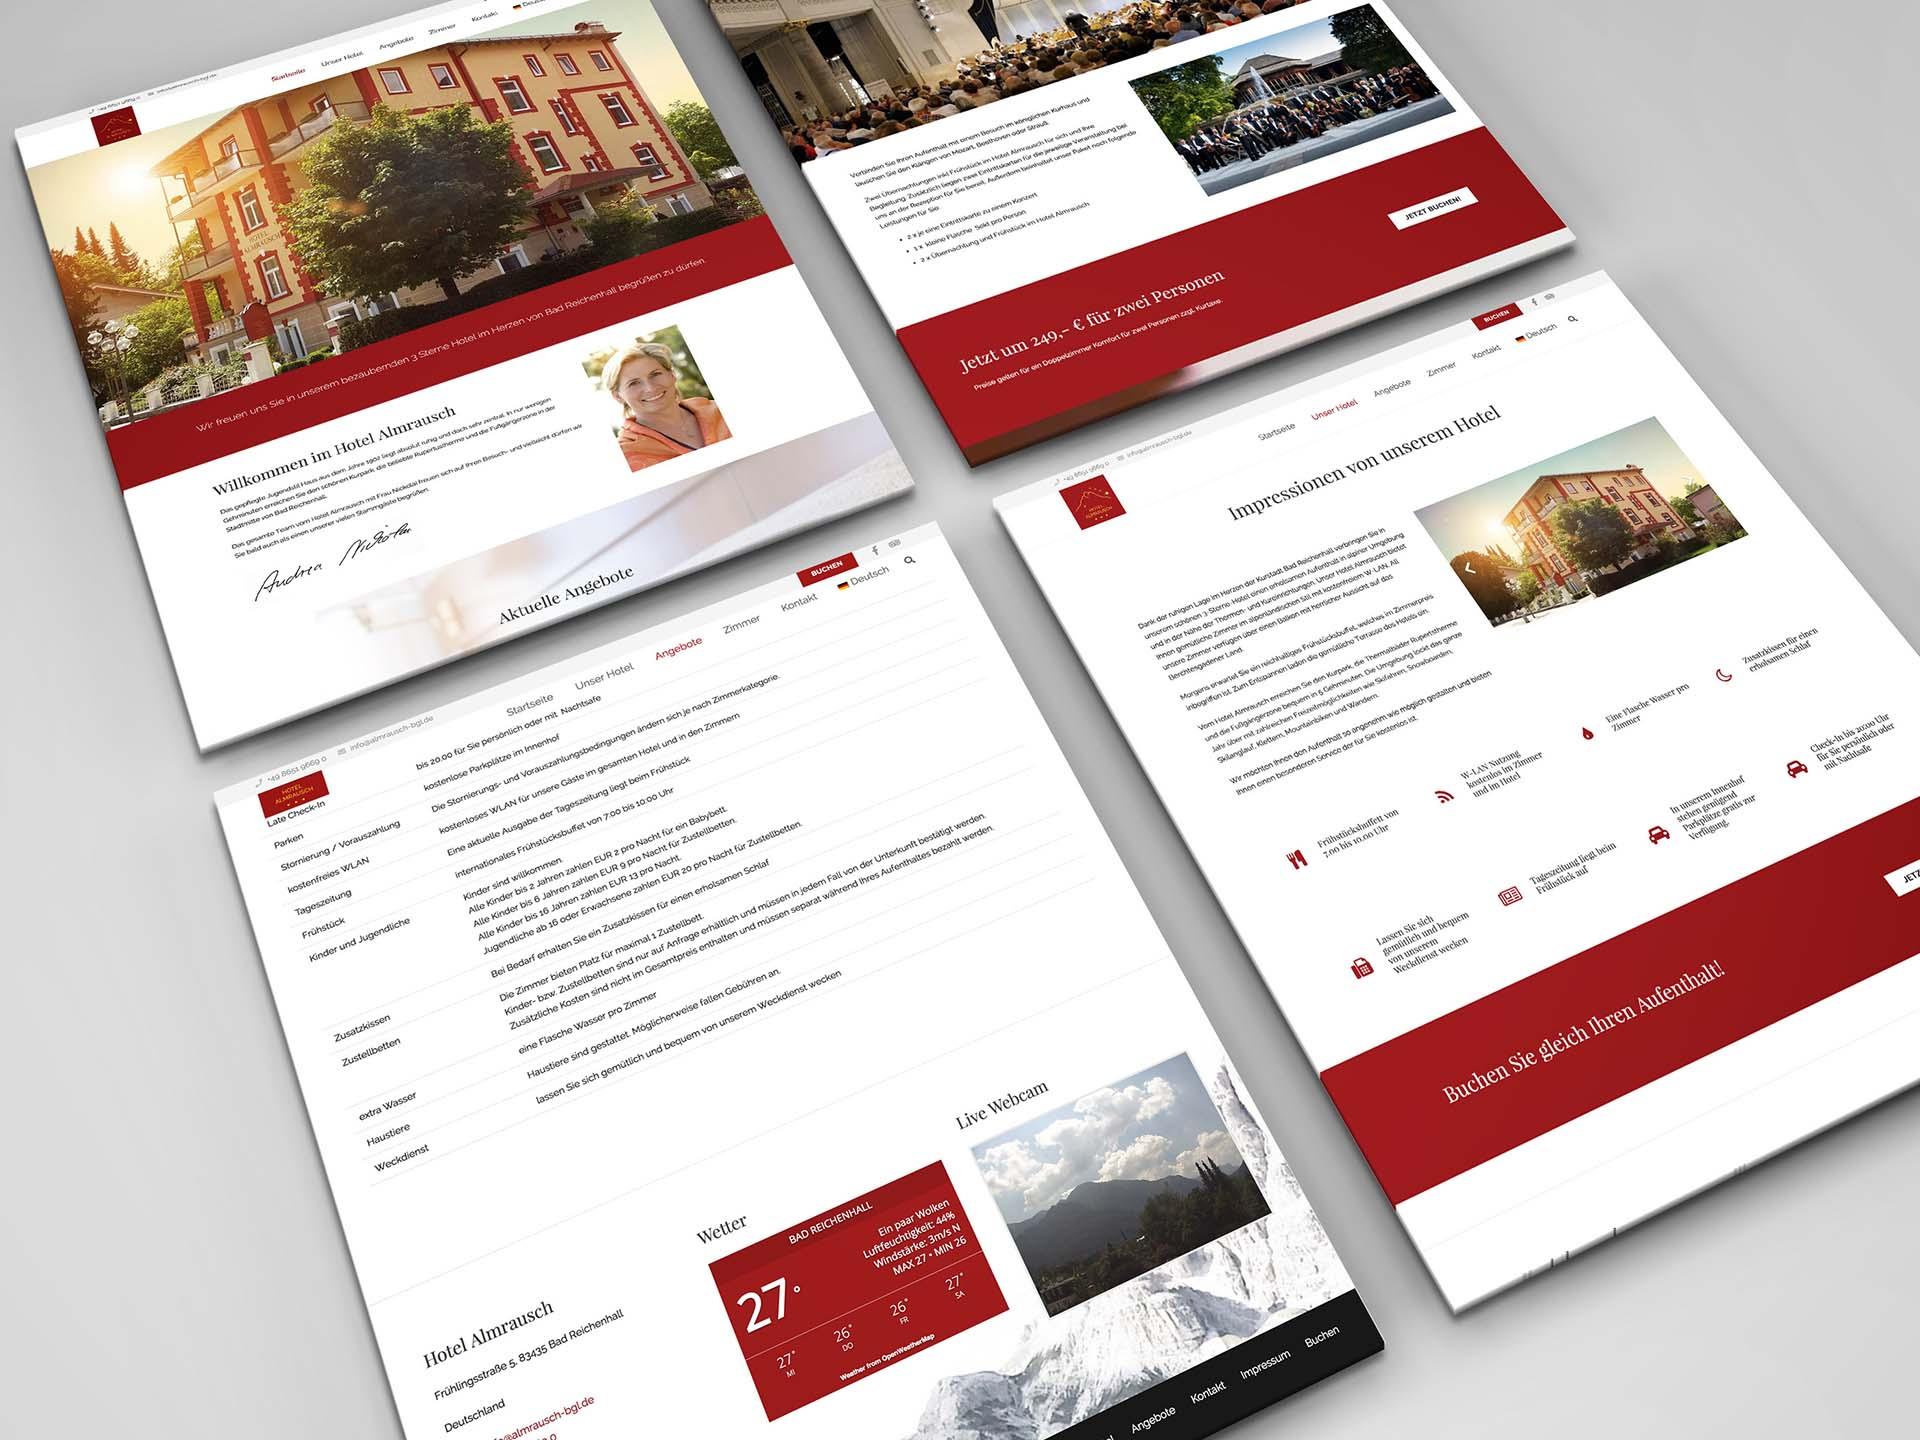 minuteman's Portfolio - Webdesign für das Hotel Almrausch in Bad Reichenhall - Aufnahmen der Webseite